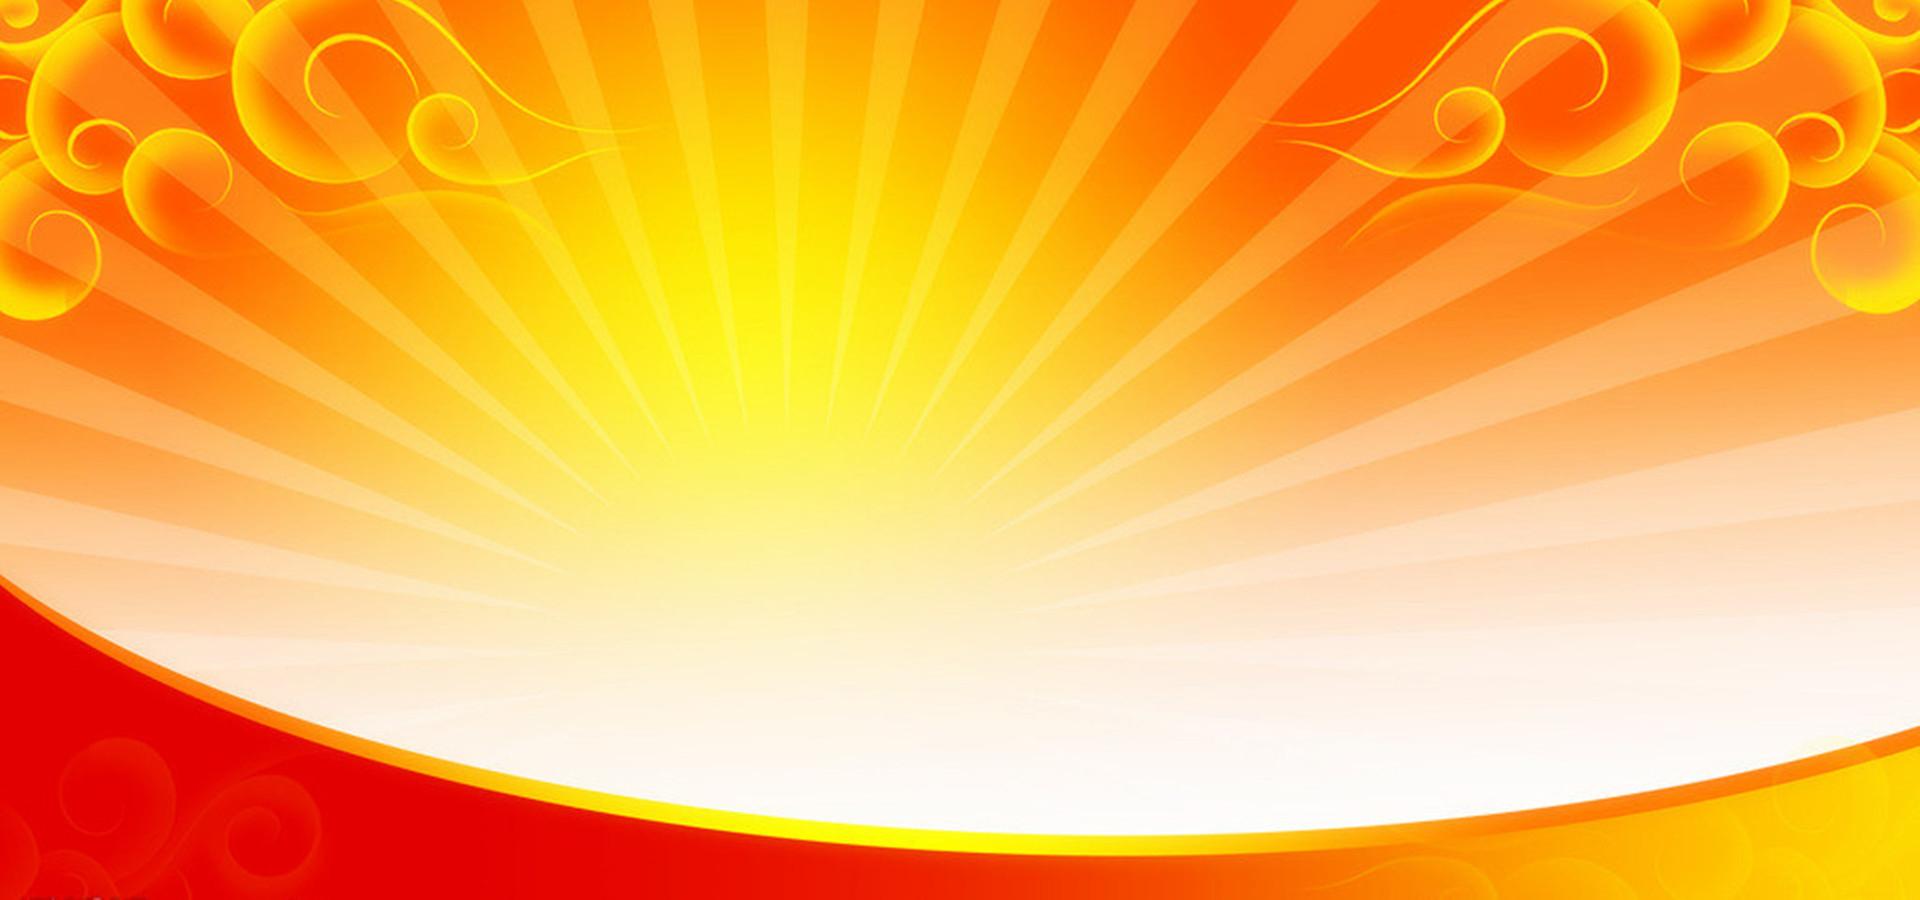 phnom penh festive red moire sun rays banner background